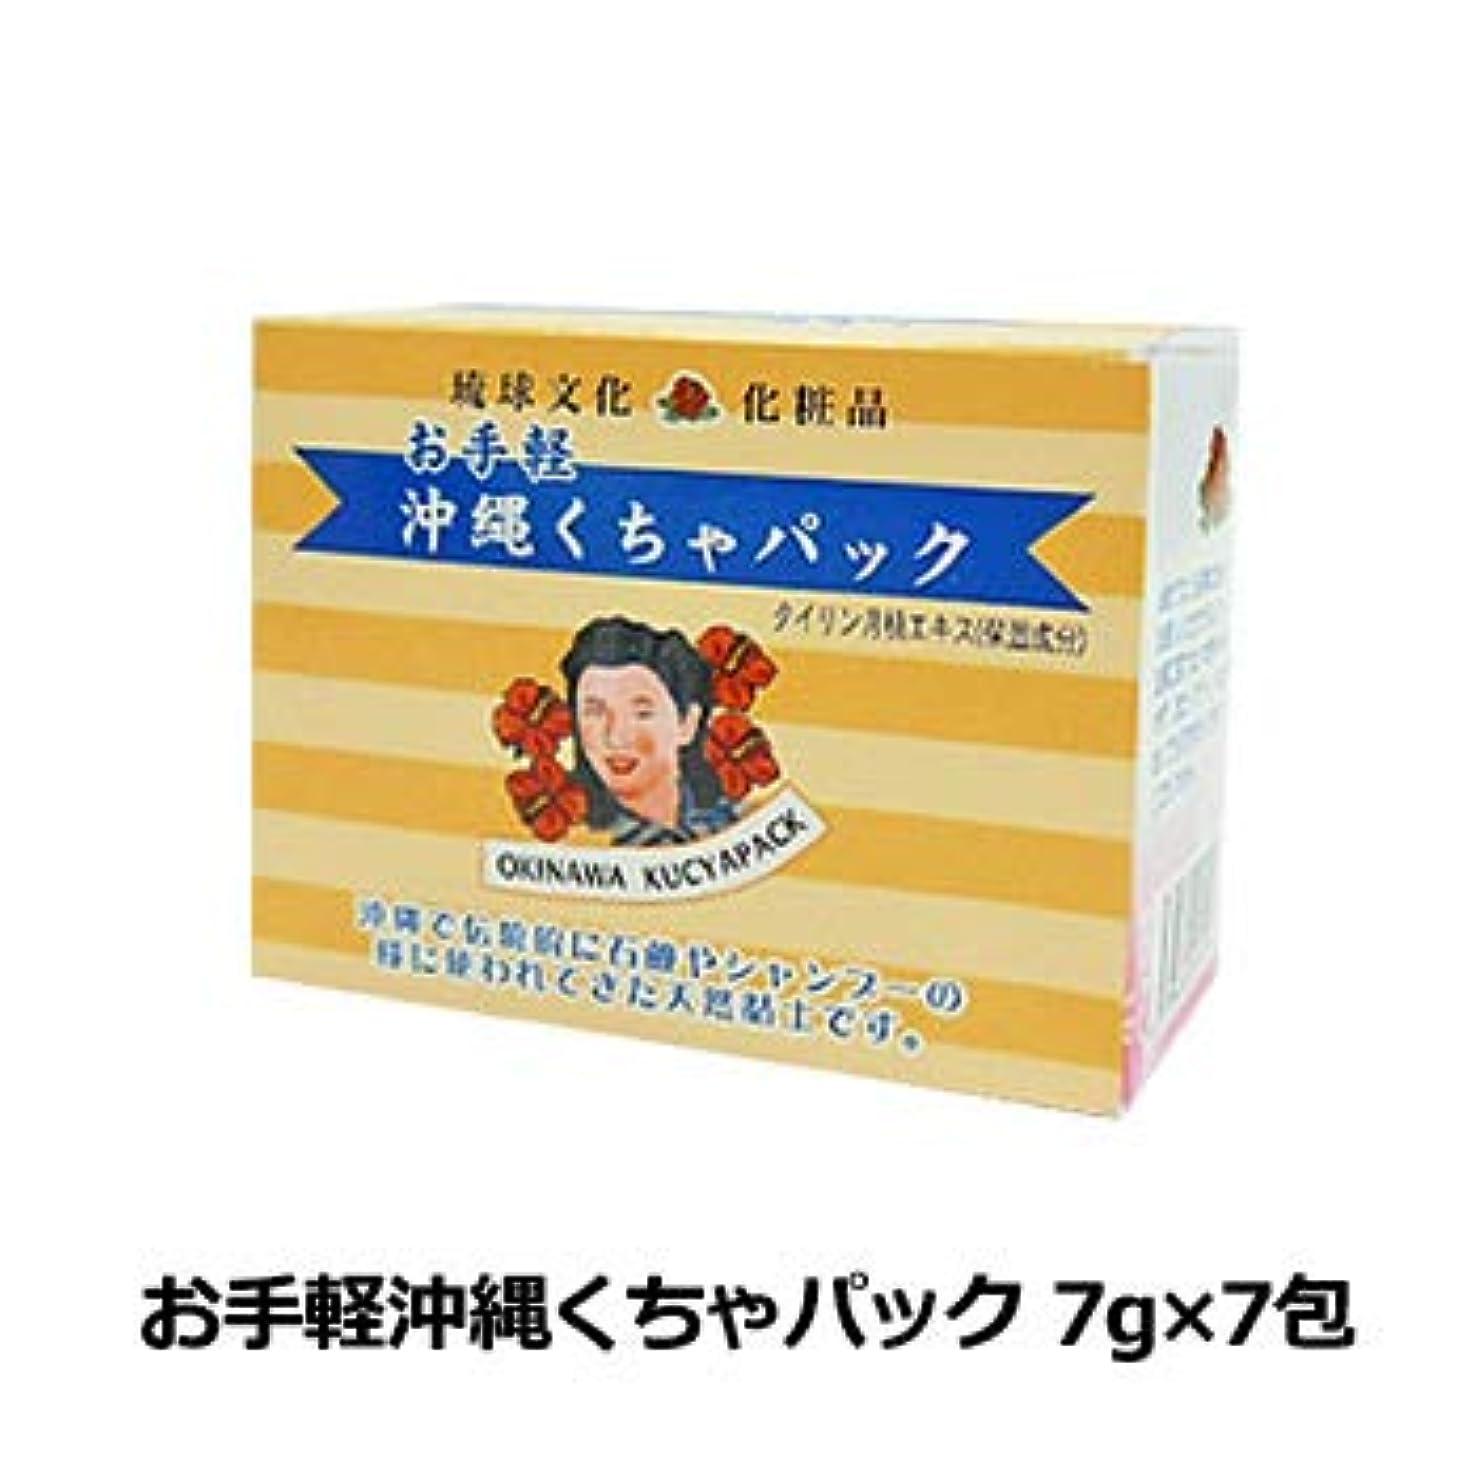 ジュラシックパーク行列エンターテインメントお手軽沖縄くちゃパック 7g×7包